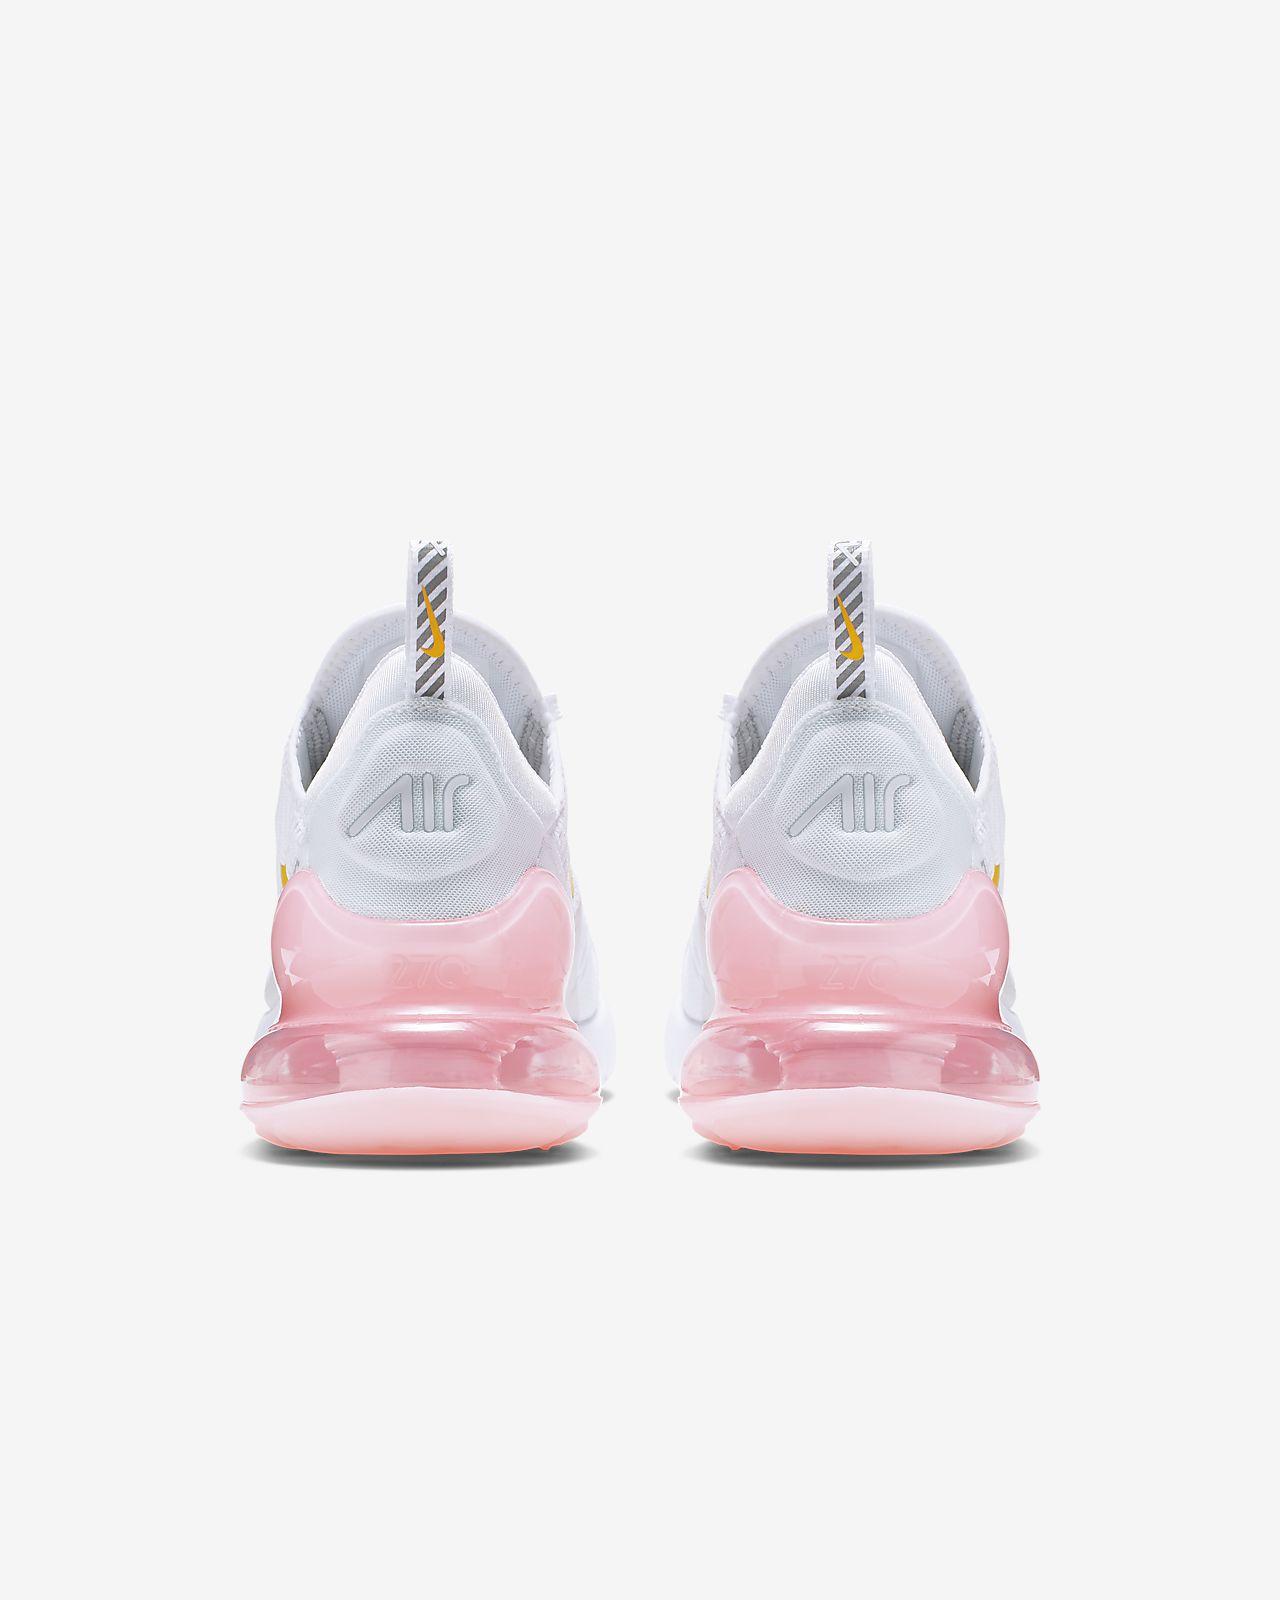 Nike Air Max 270 Light PinkPure White